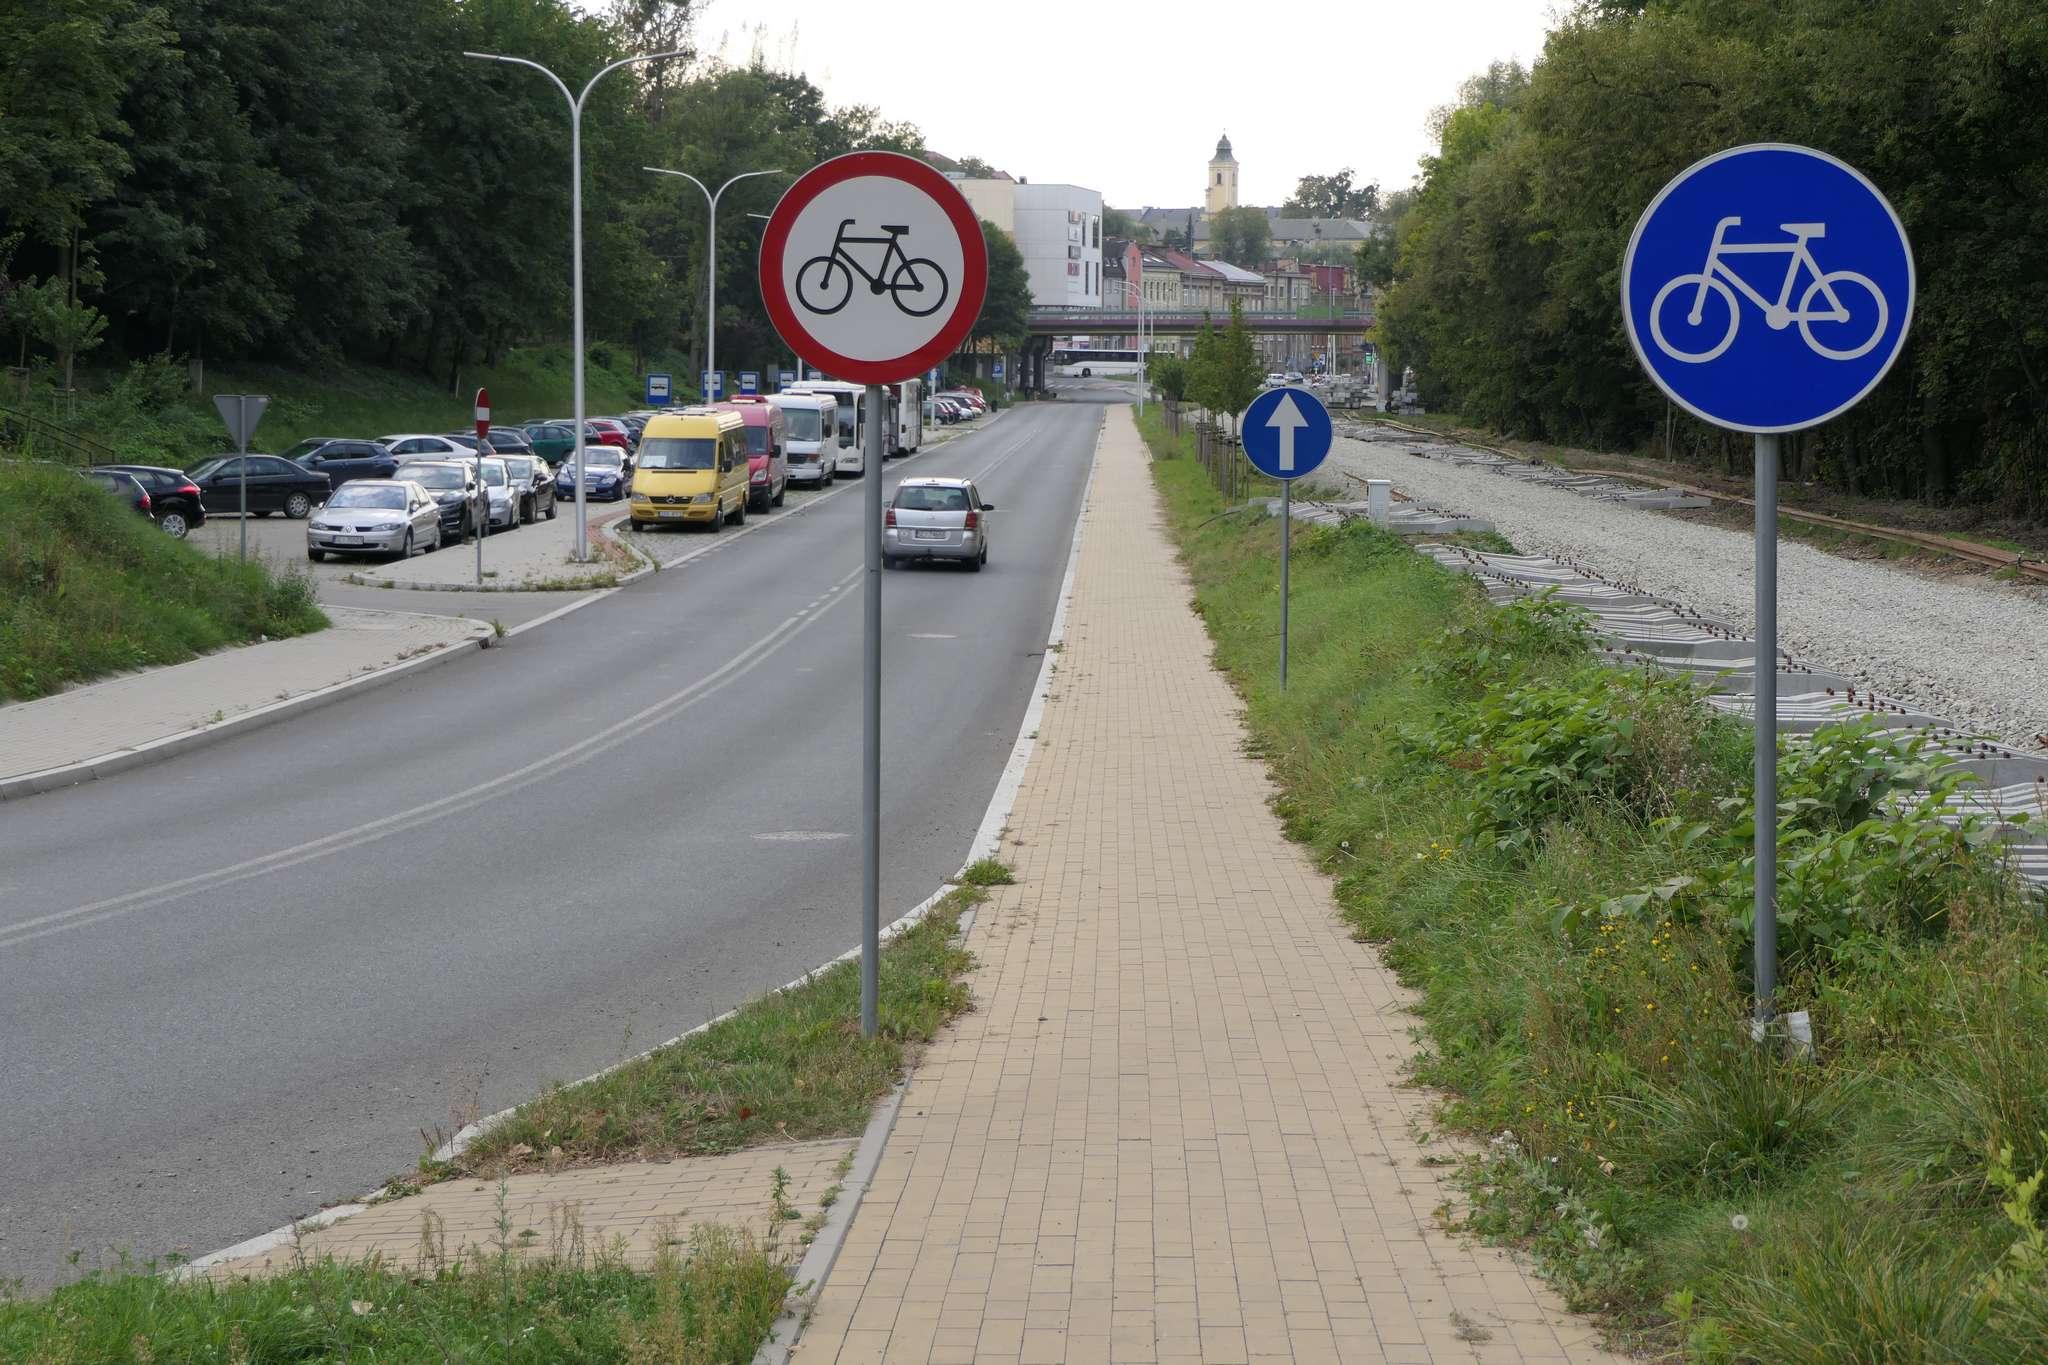 Początek drogi rowerowej na ul. RNKC w pobliżu Urzędu Celnego. Fatalnie wykonany wjazd na ścieżkę rowerową, która w tym miejscu kończy się ślepo. Jadąc w przeciwnym kierunku trzeba zjechać na drogę na zakręcie, jednocześnie przecinając podwójną ciągłą.